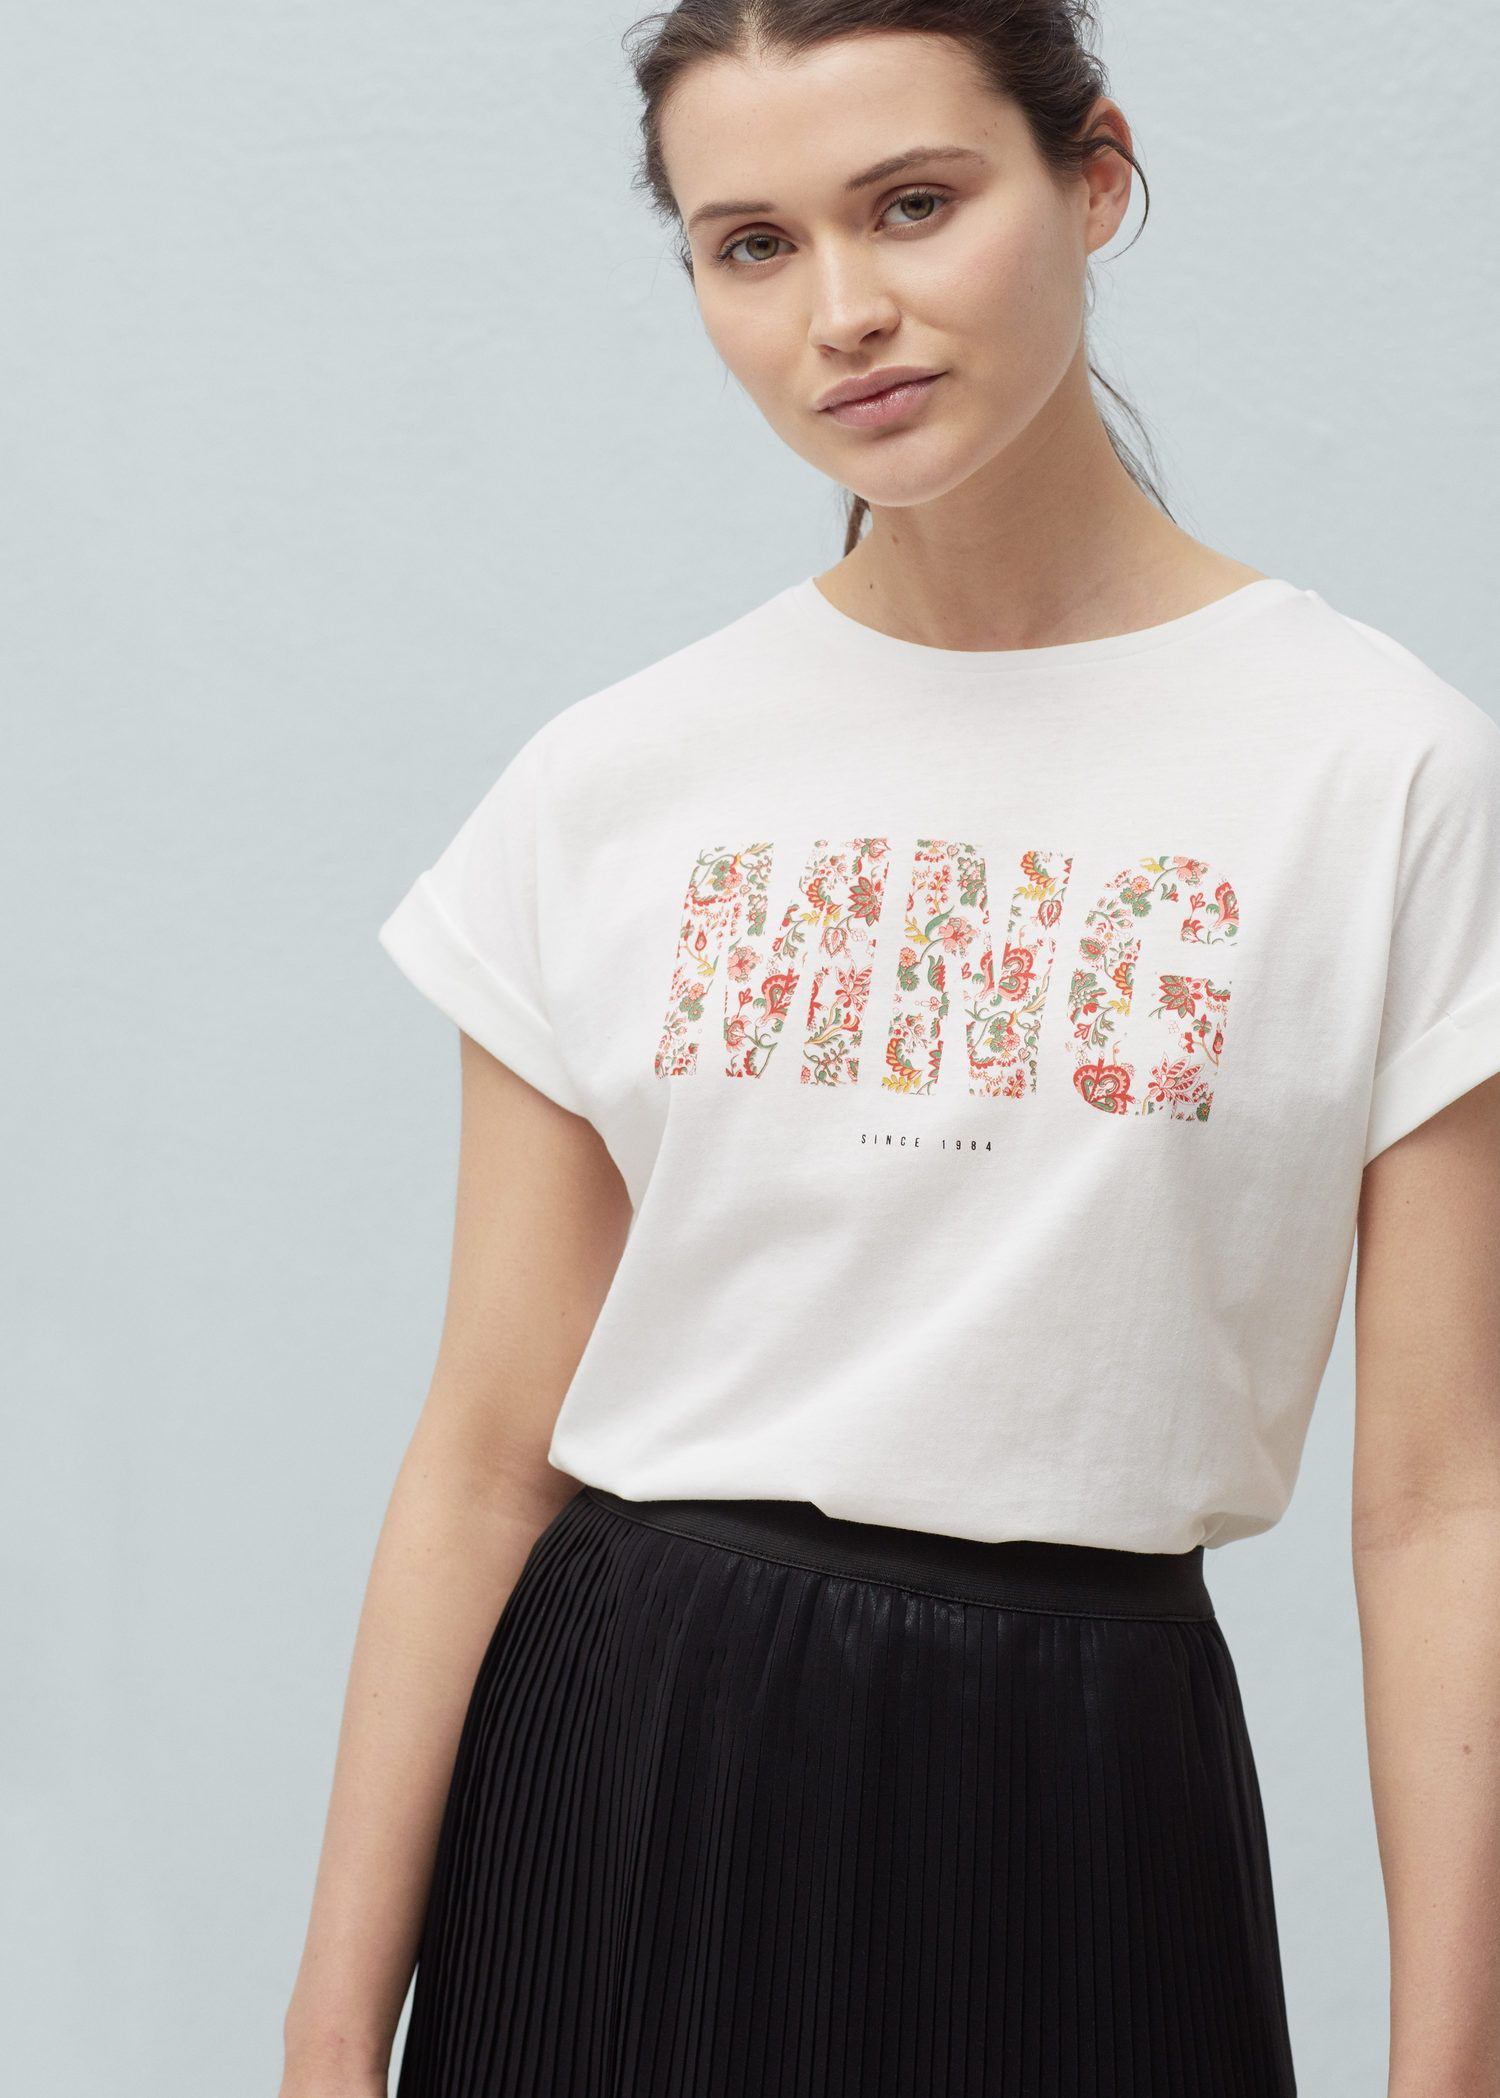 a1aa4921671 Camiseta algodón estampado - Camisetas de Mujer